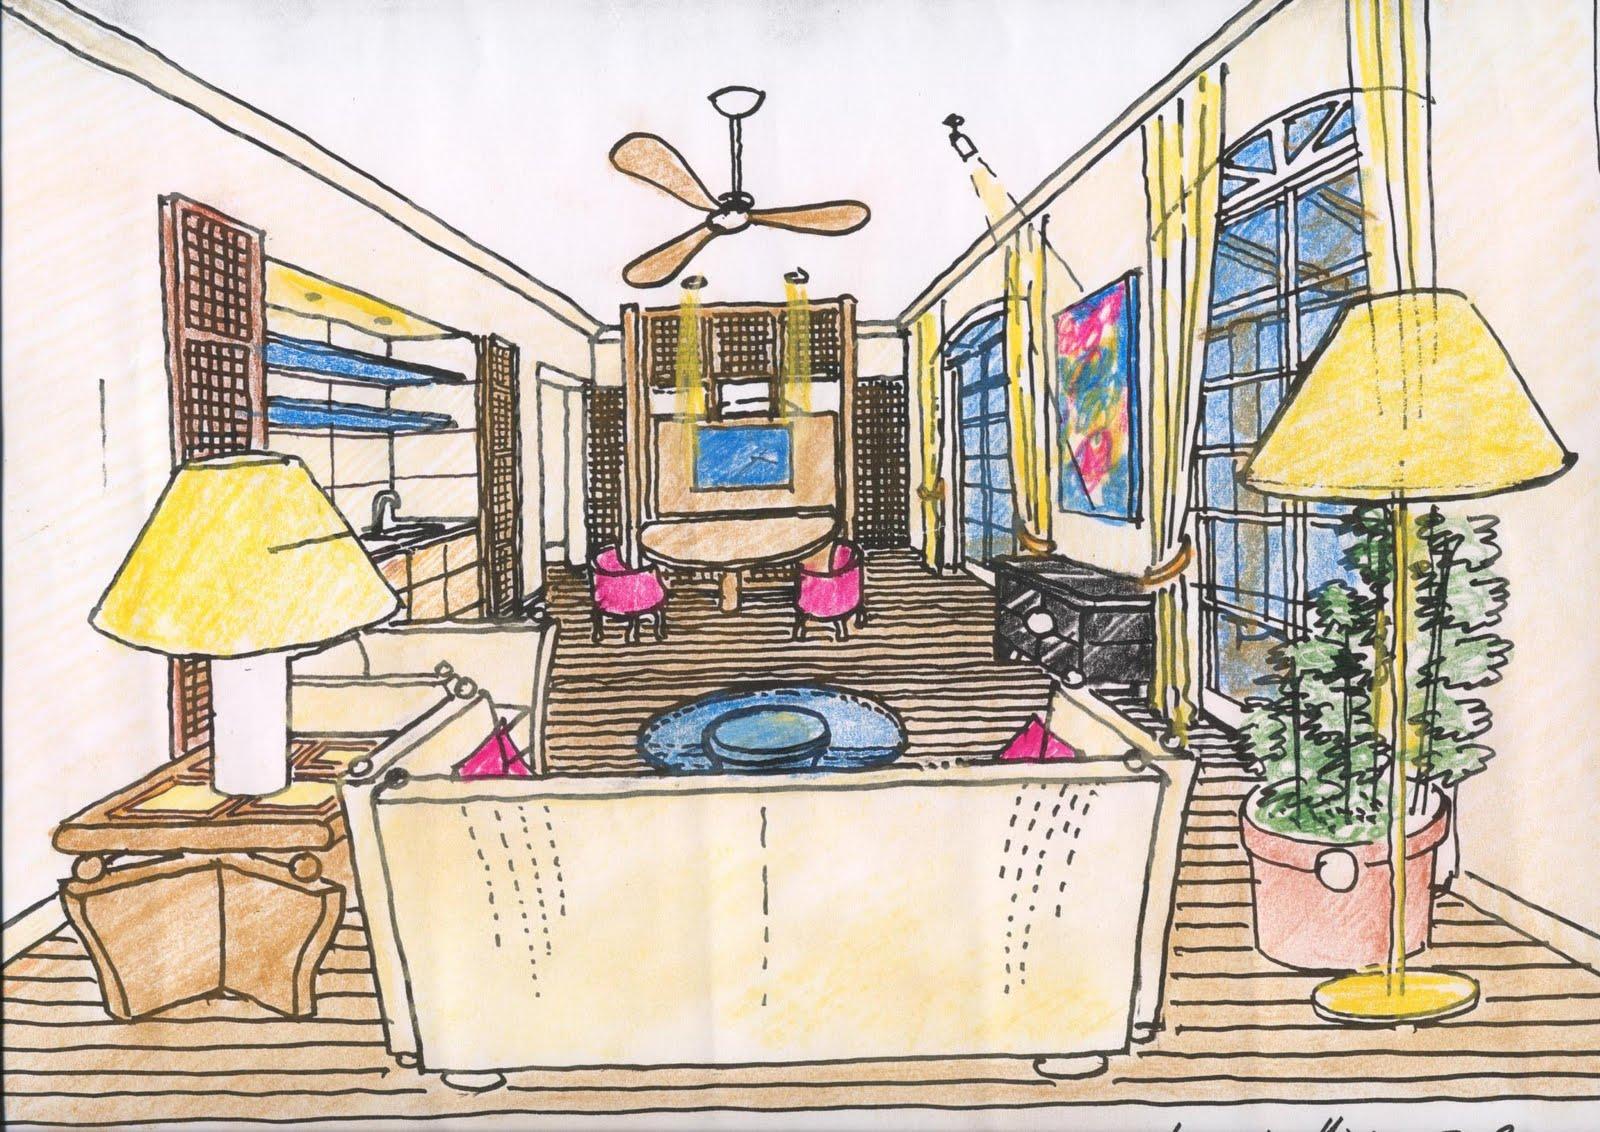 Architetto giusto puri purini progetto per un complesso for Disegni interni di case